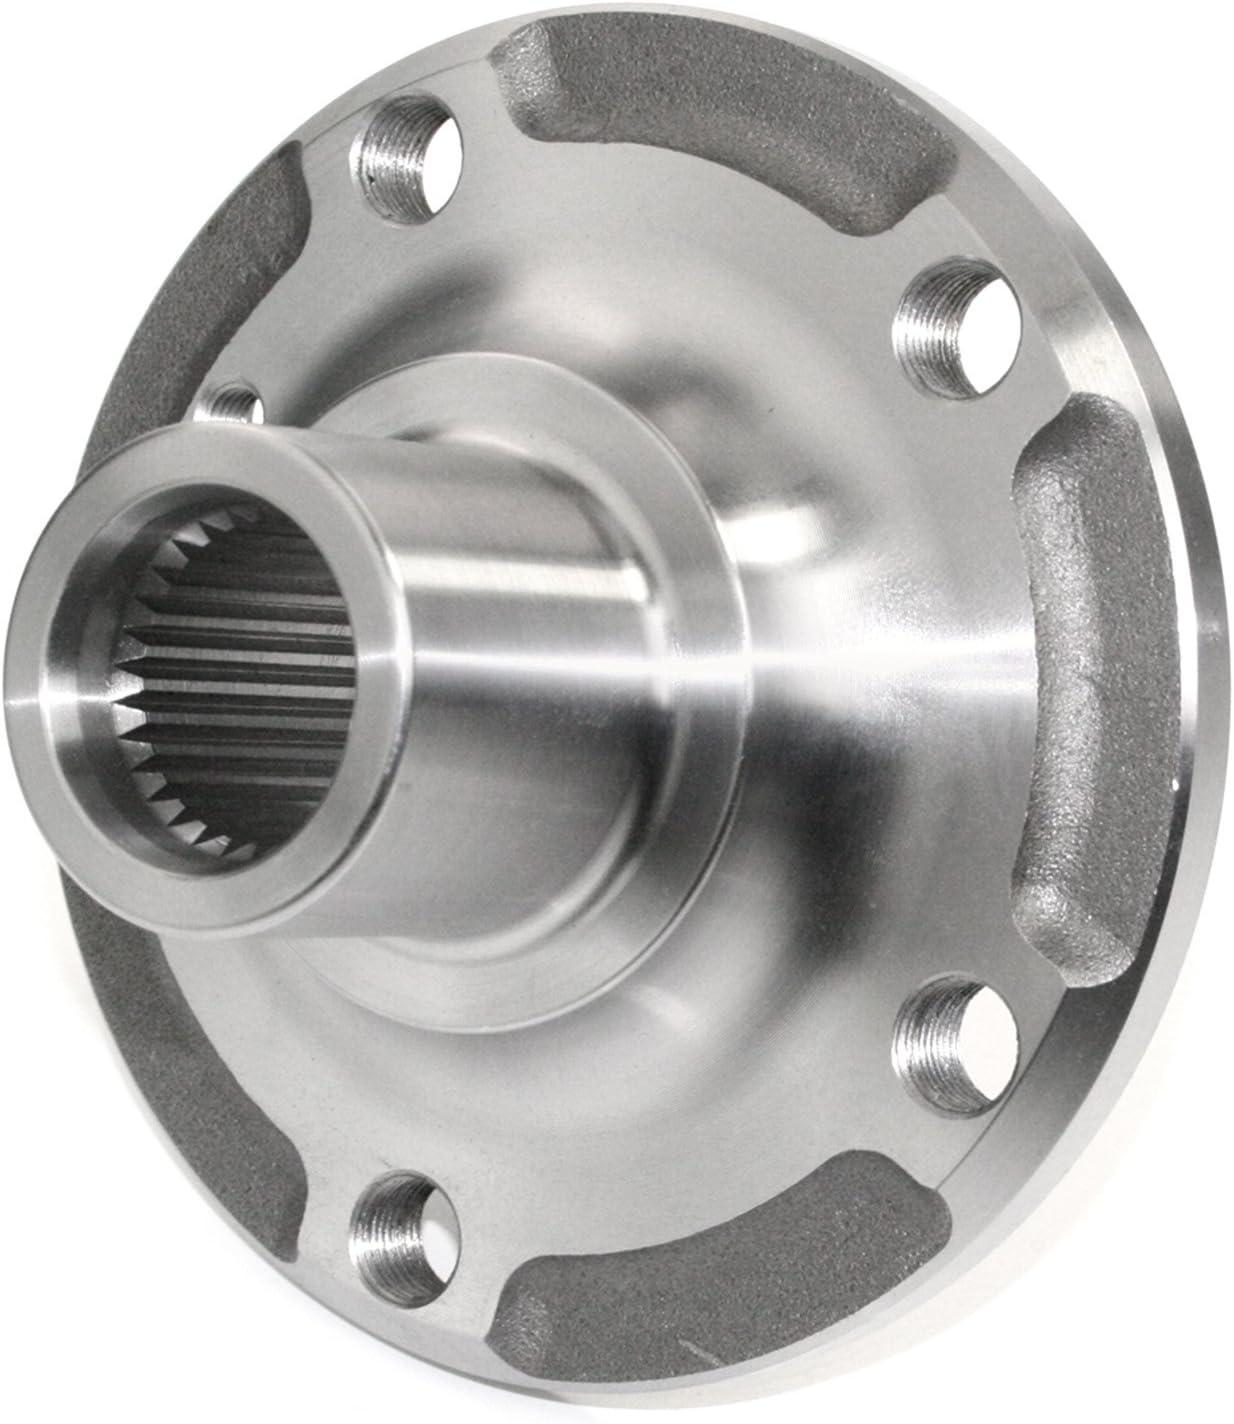 DuraGo 29595127 Rear Wheel Hub